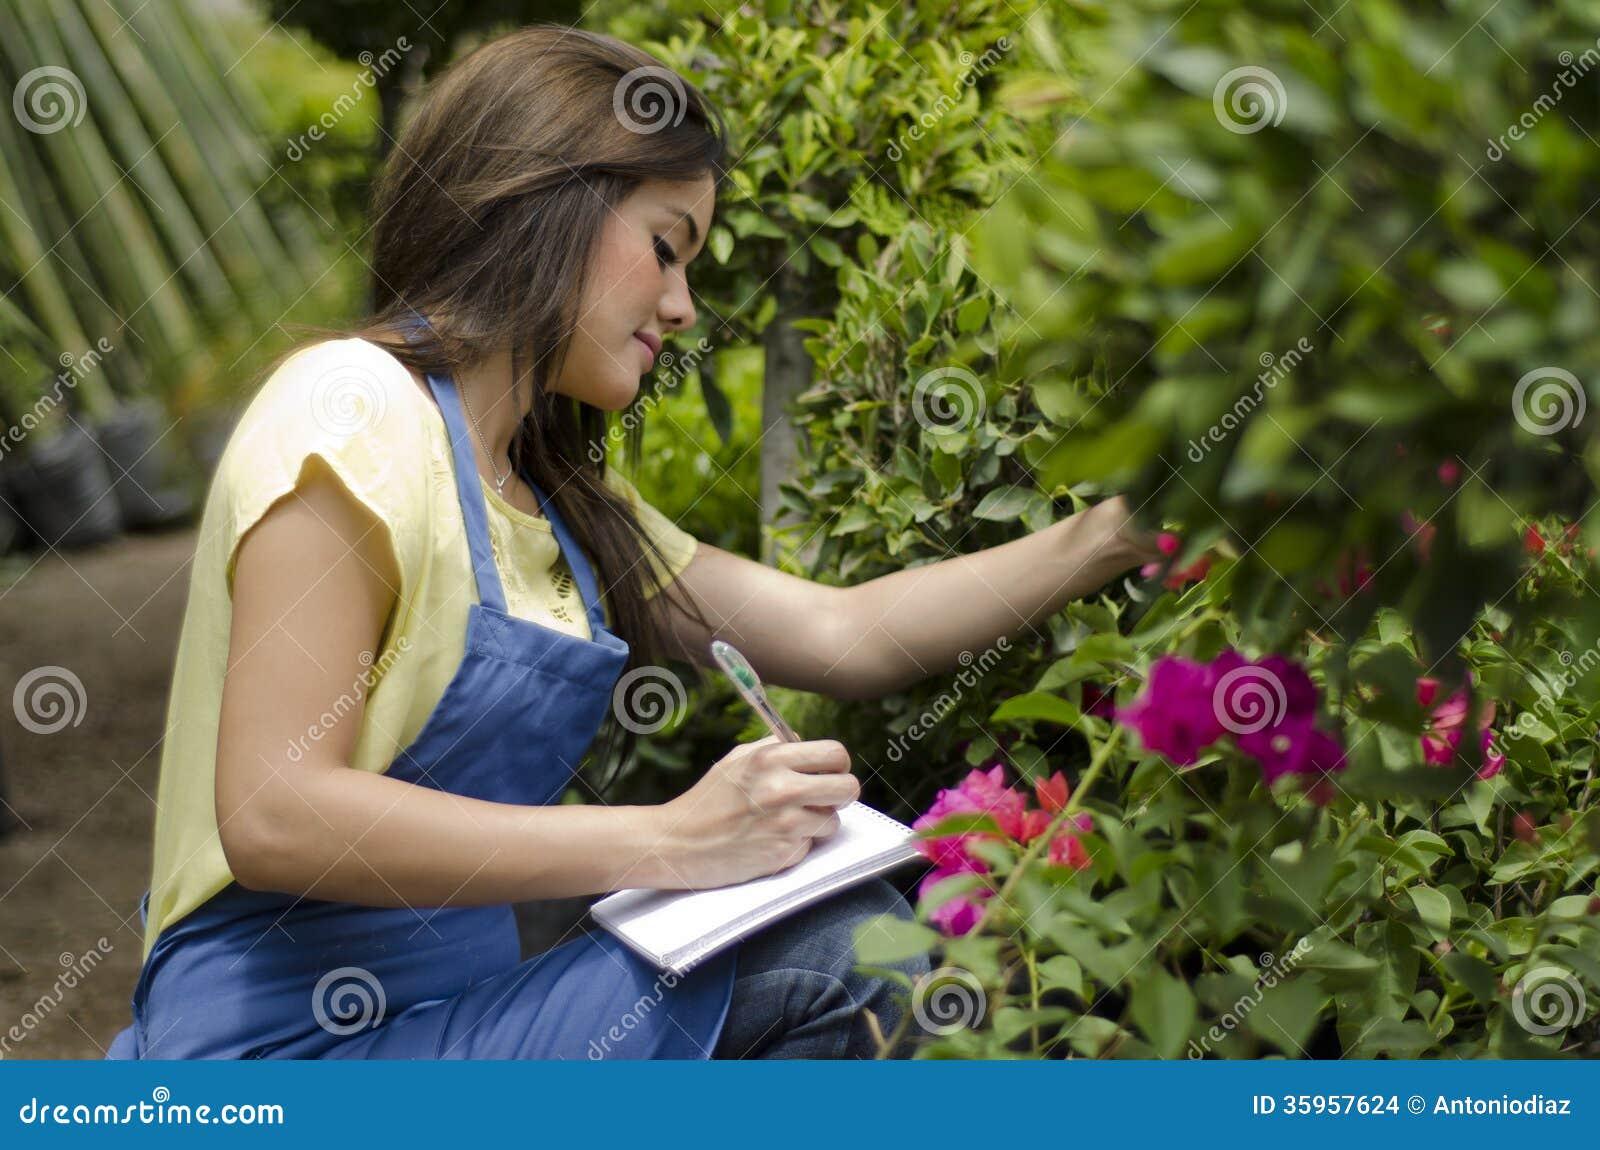 Hacer inventario en un jardín